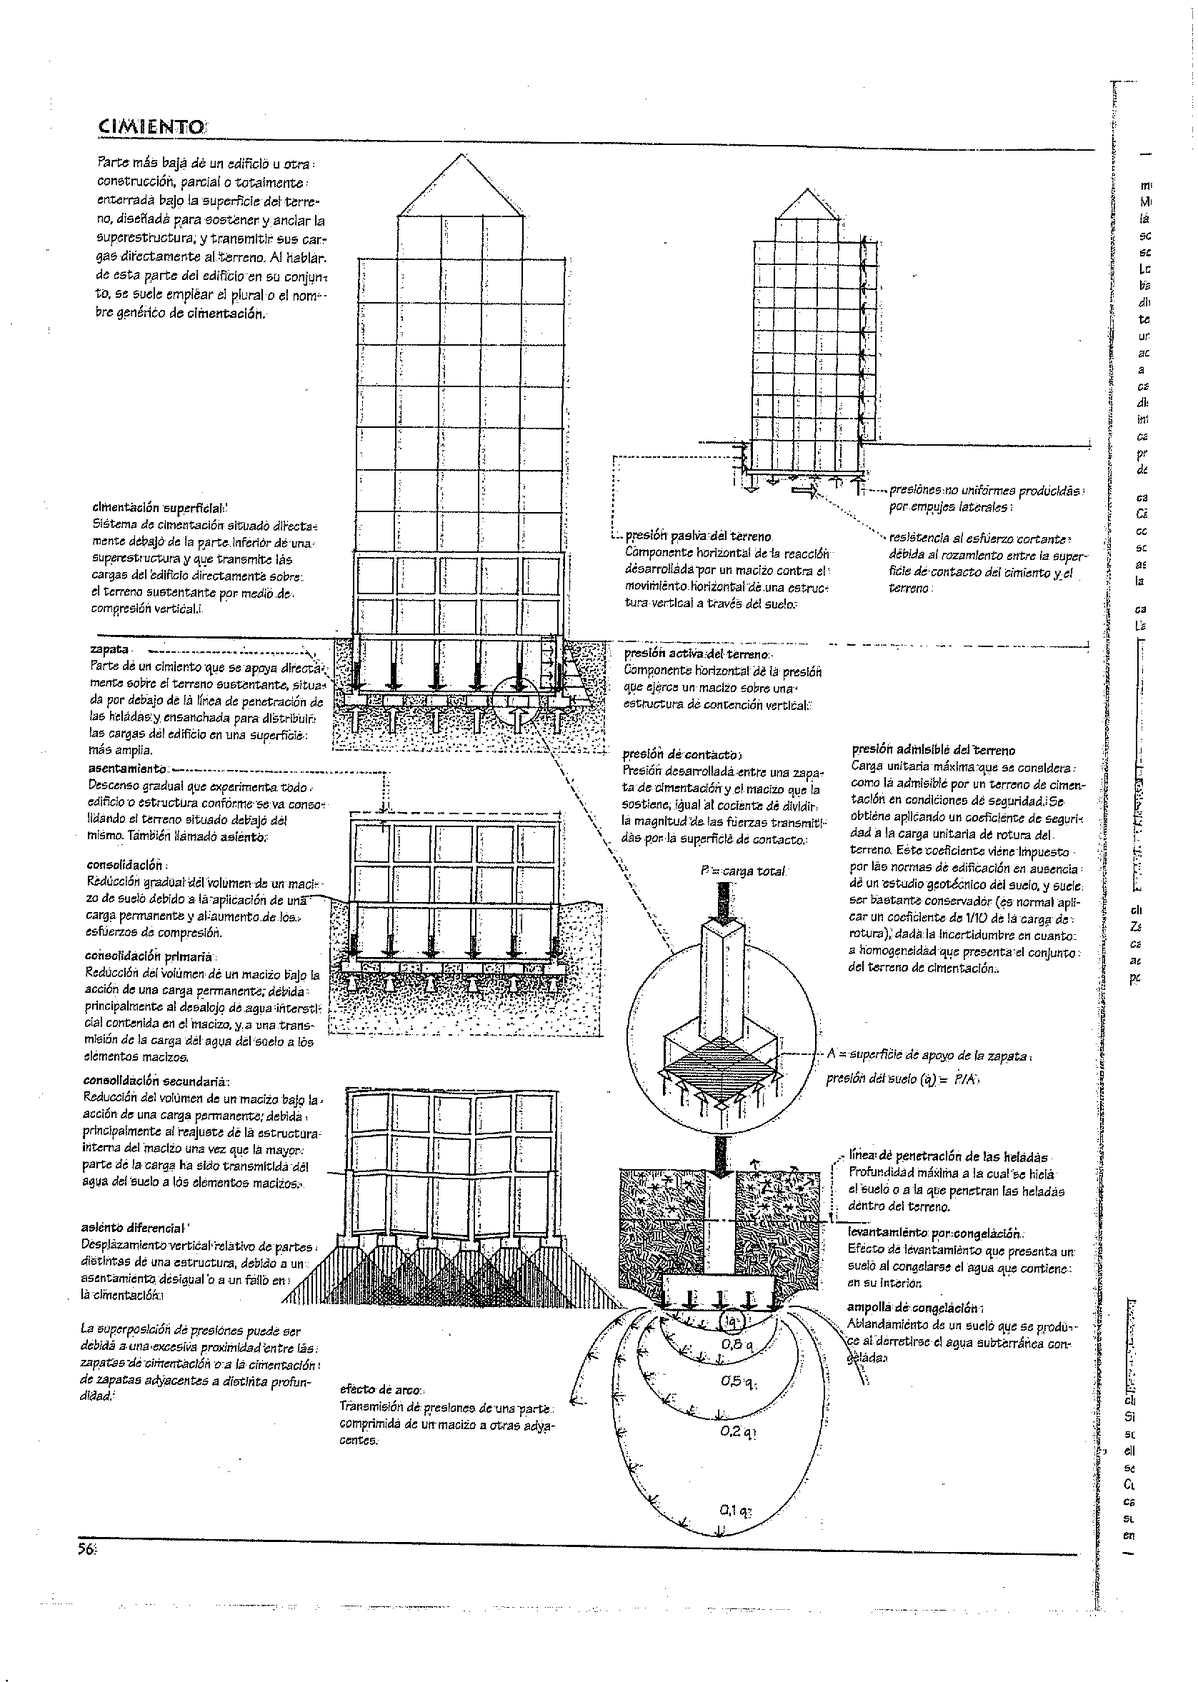 Free download Diccionario Visual De Arquitectura Francis D